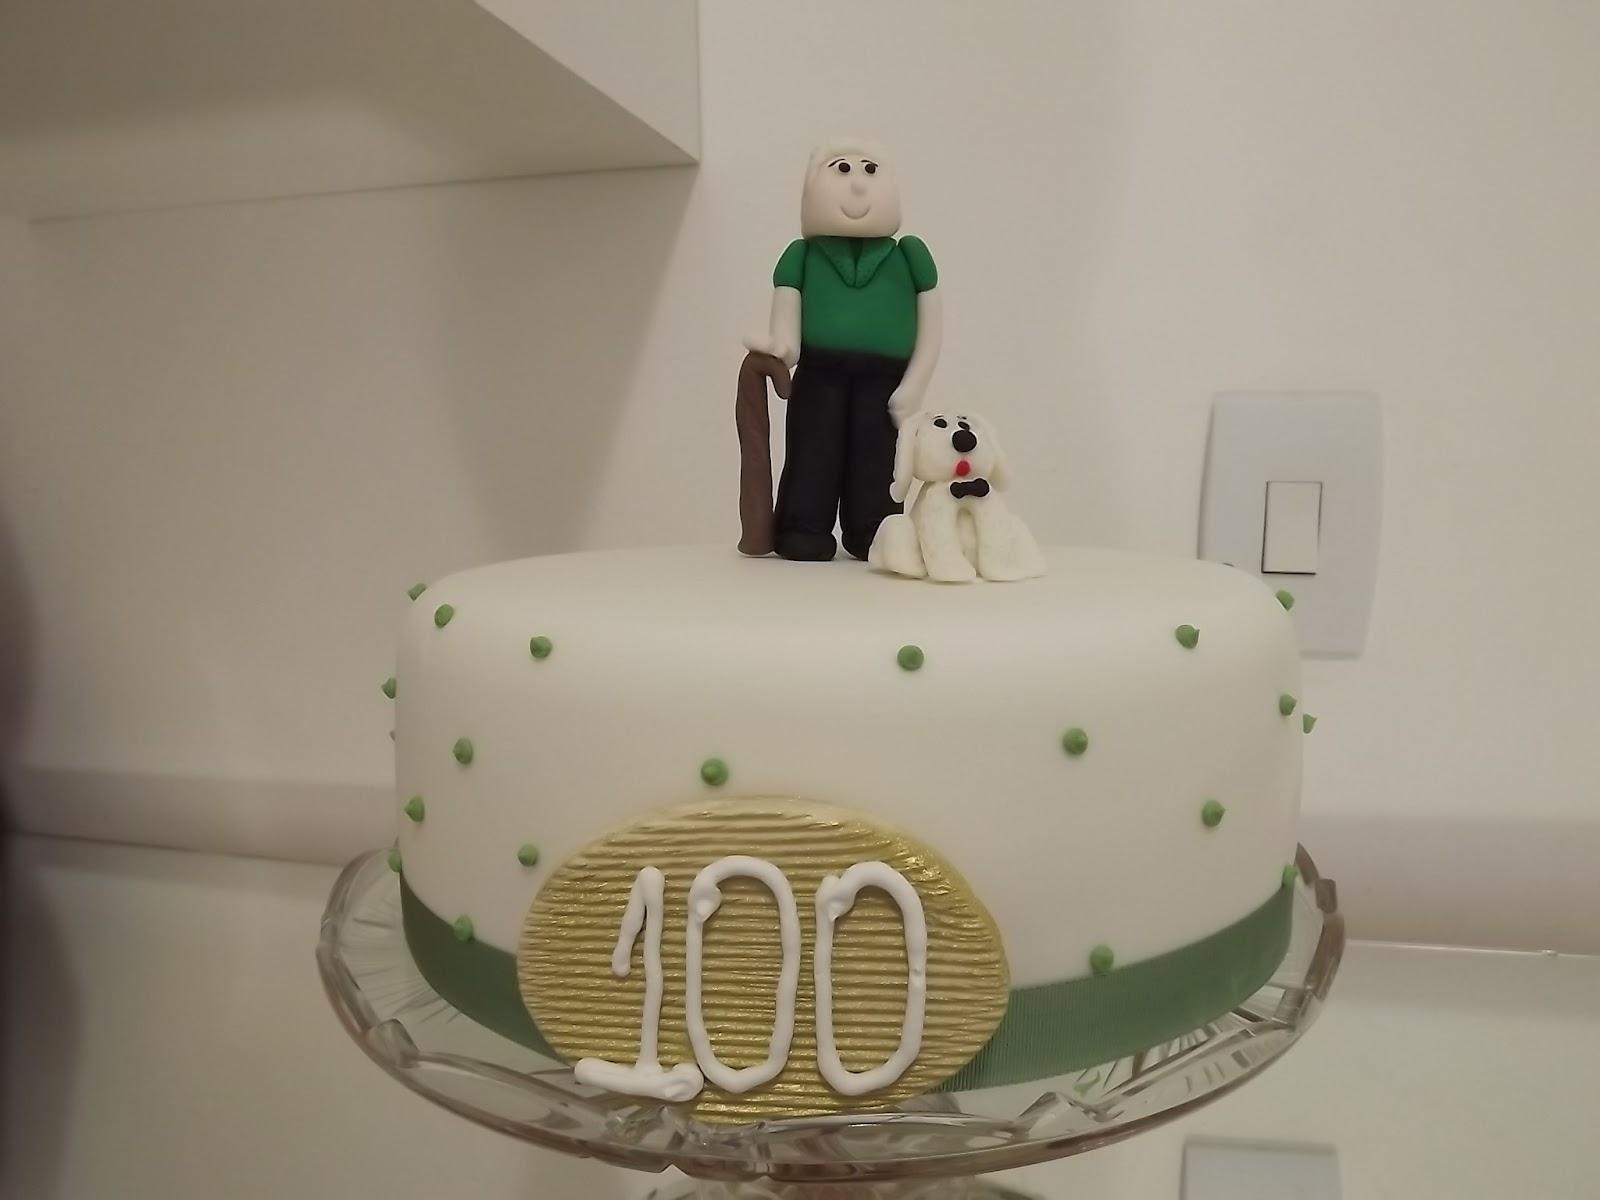 Bolo De 200 Anos: Ana Abelha Doces: Bolo Para Aniversário De 100 Anos